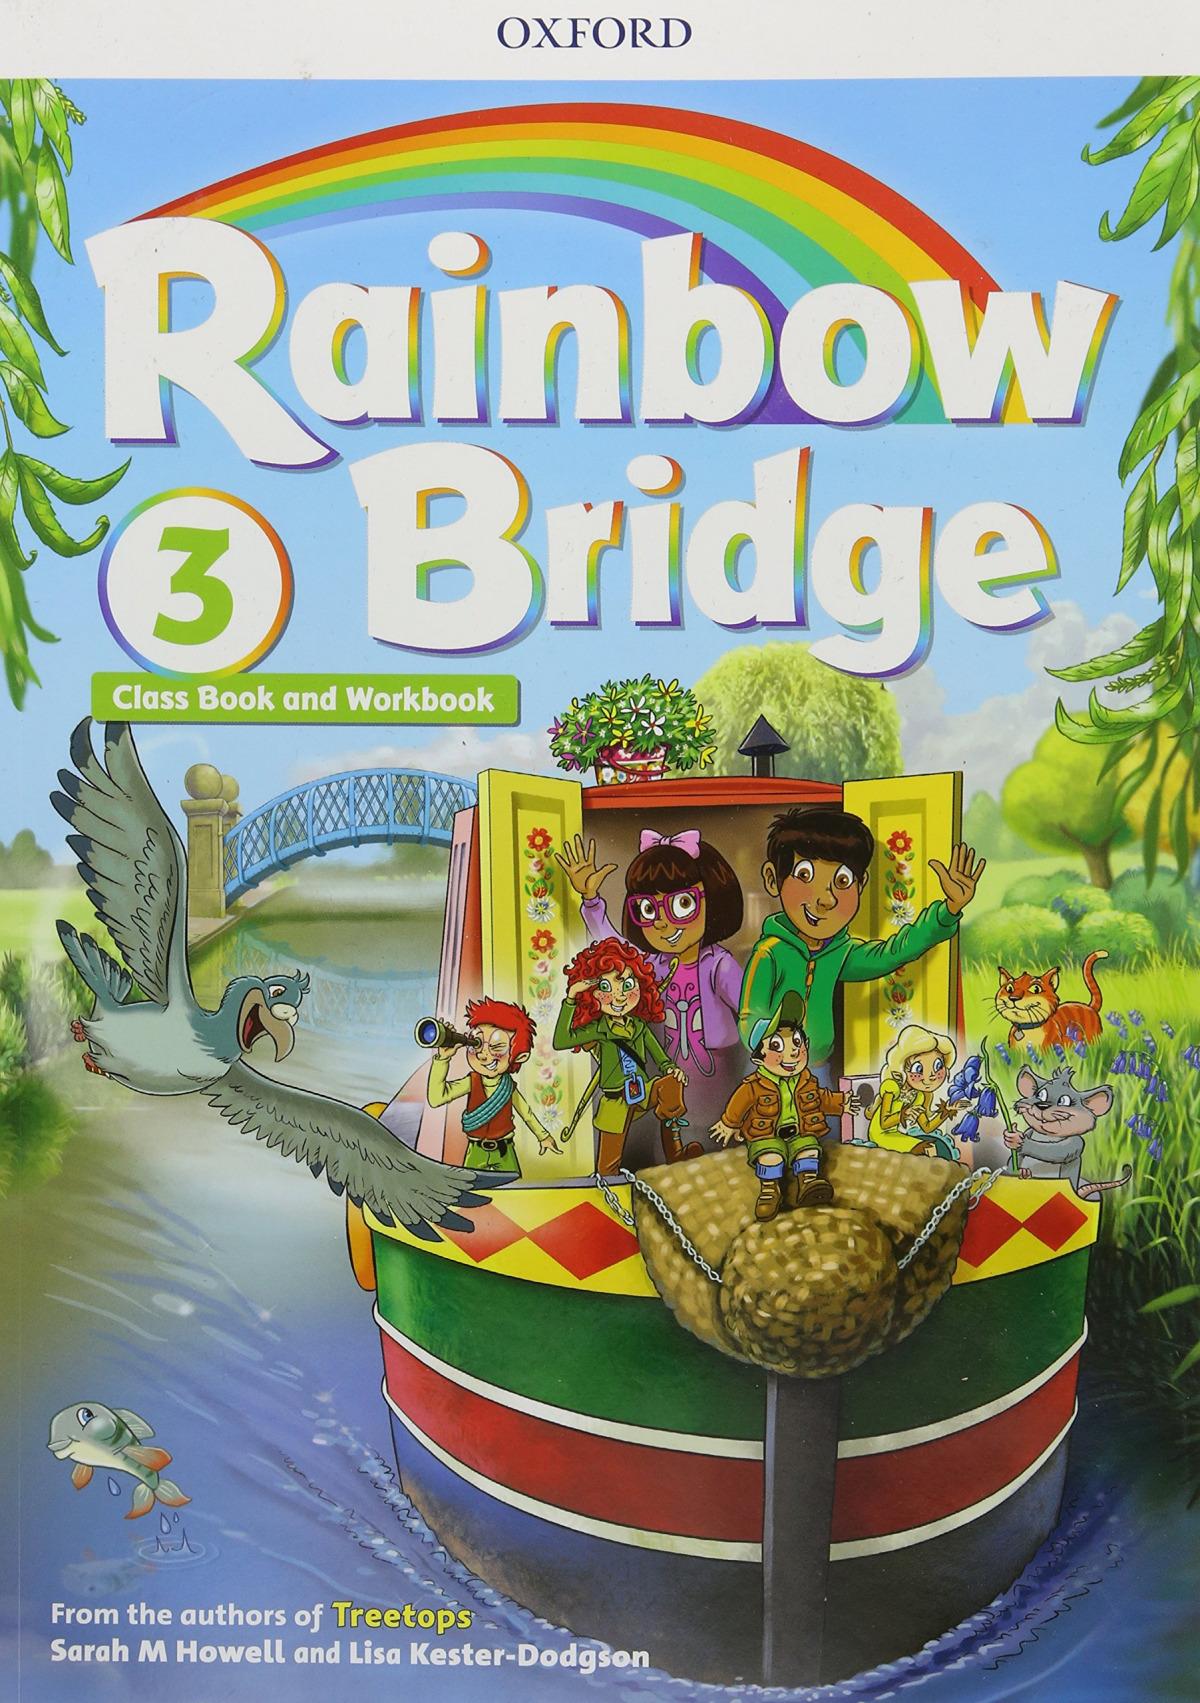 rainbow bridge 3 student+workbook